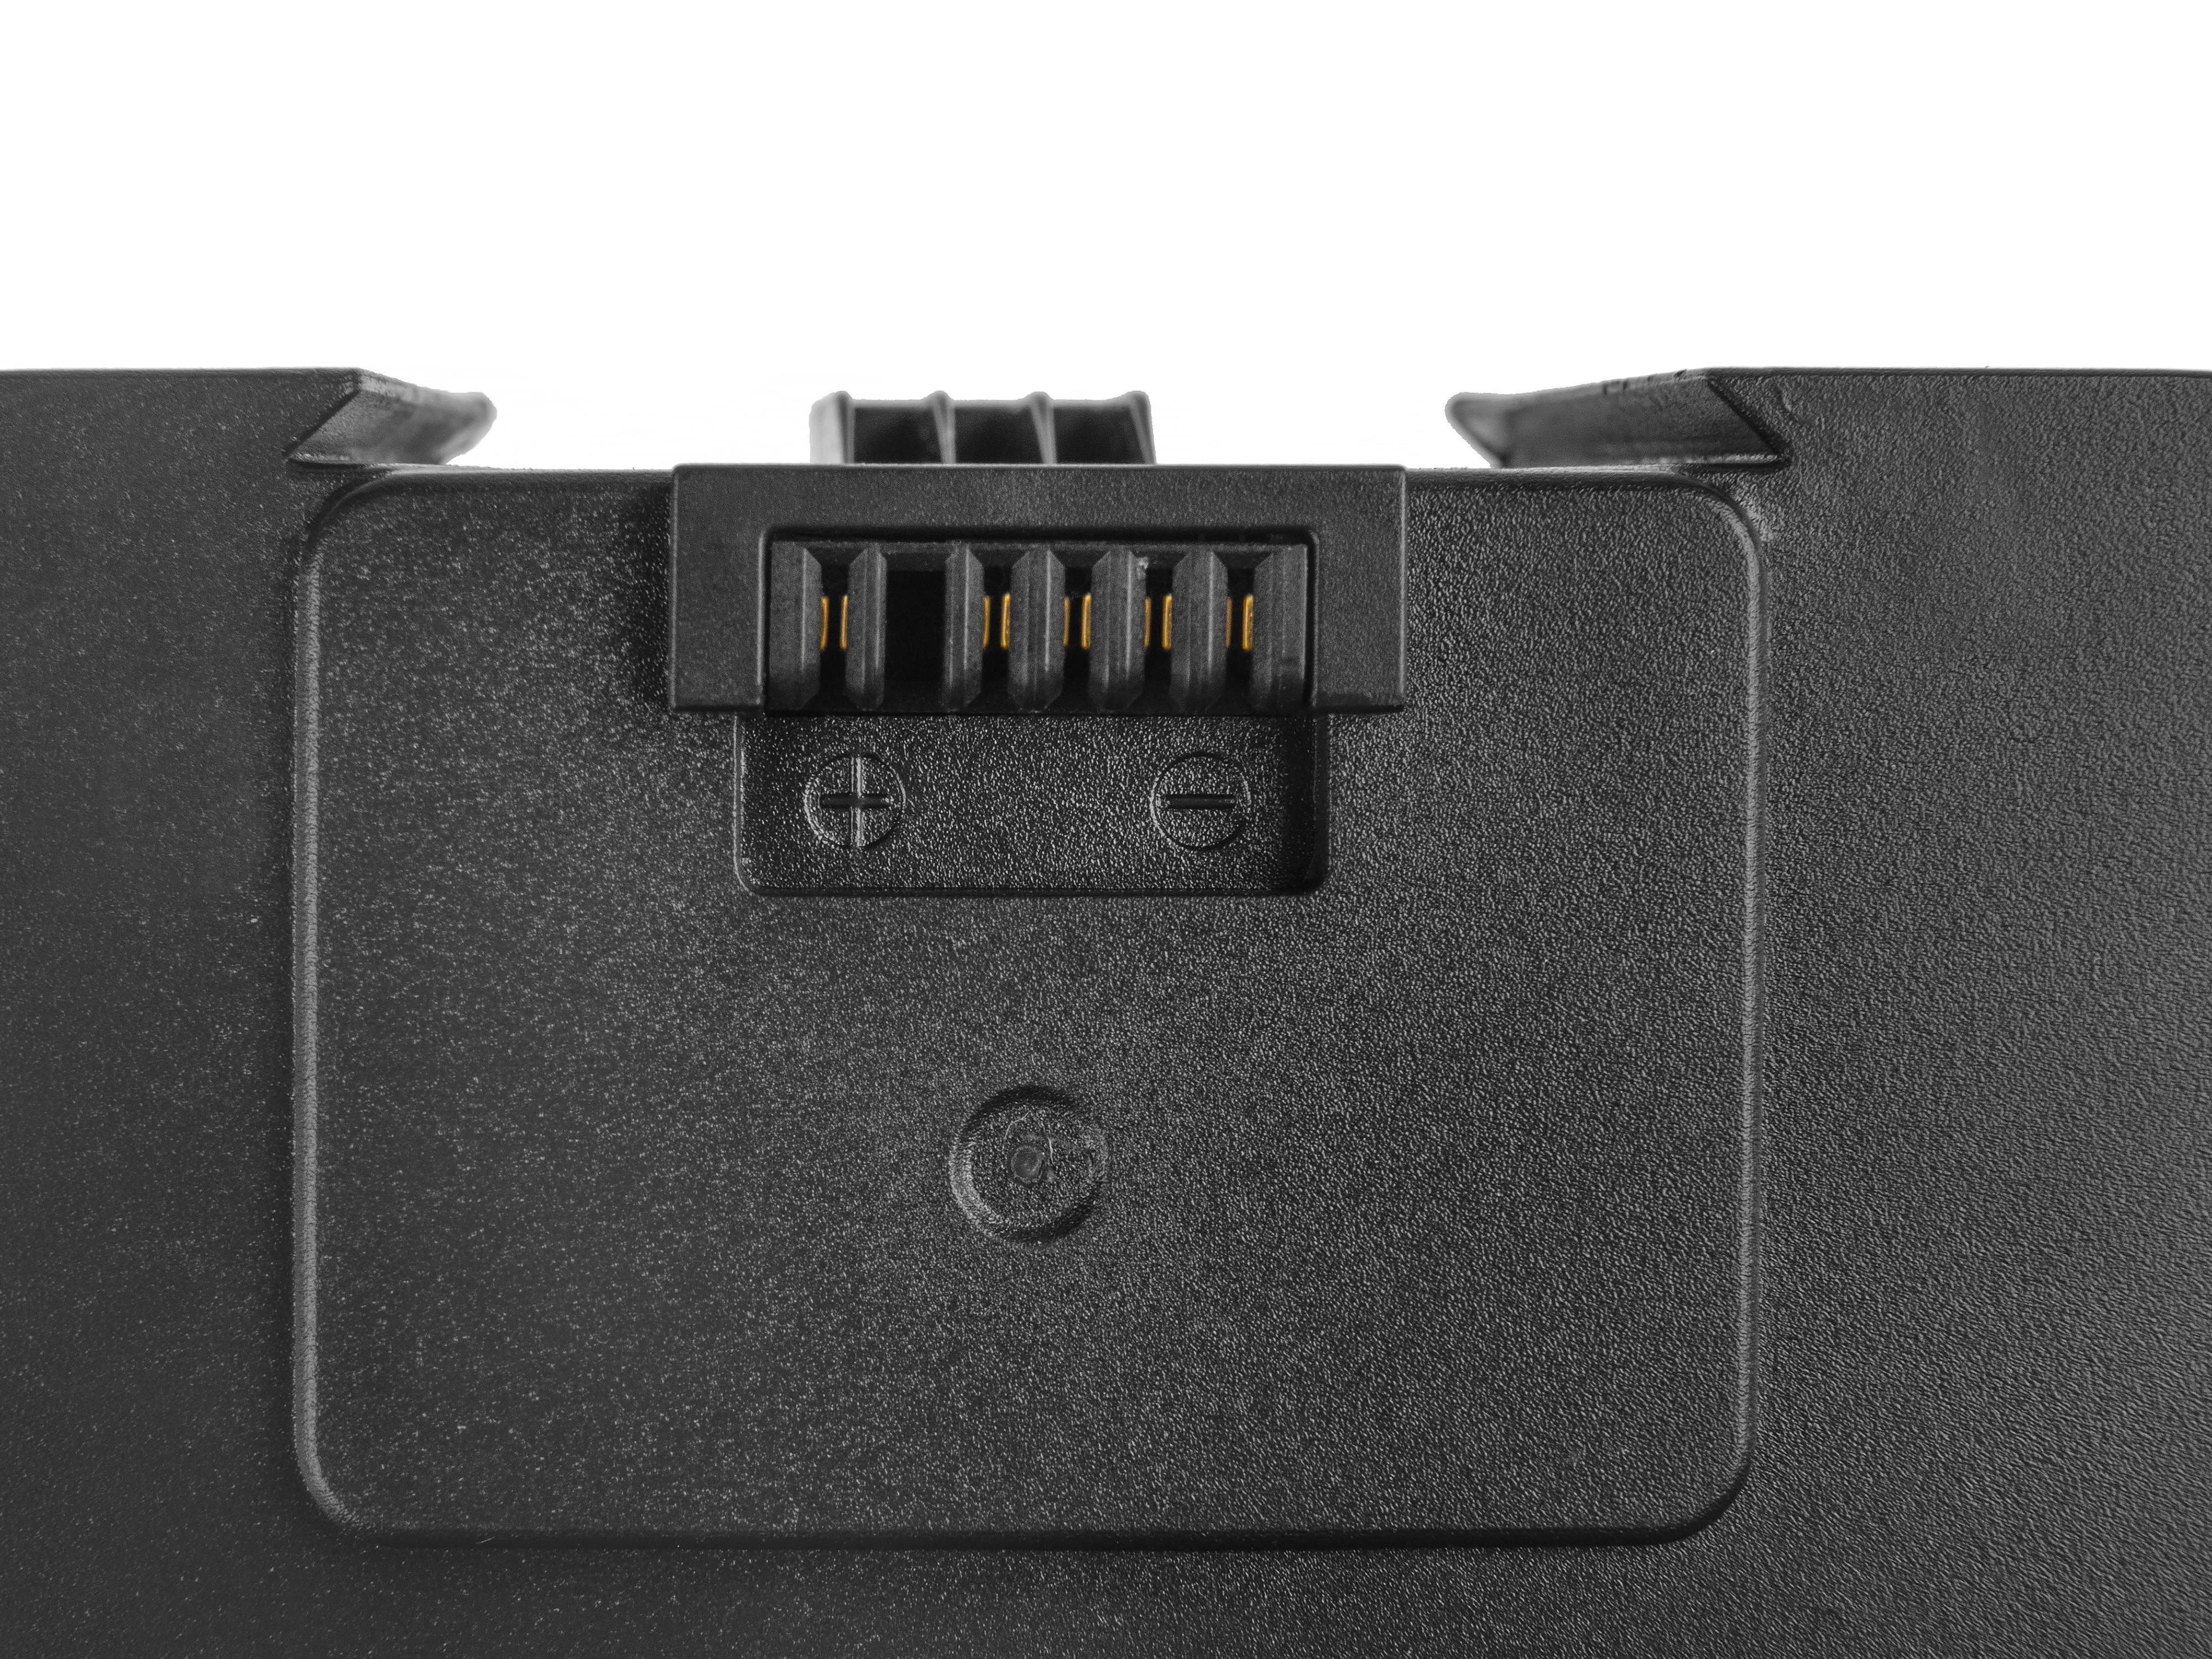 Batteri (5.2Ah 14.4V) ABL-D1, 4624864 för iRobot Roomba e5, e6, i3, i3+, i7, i7+, i8, i8+